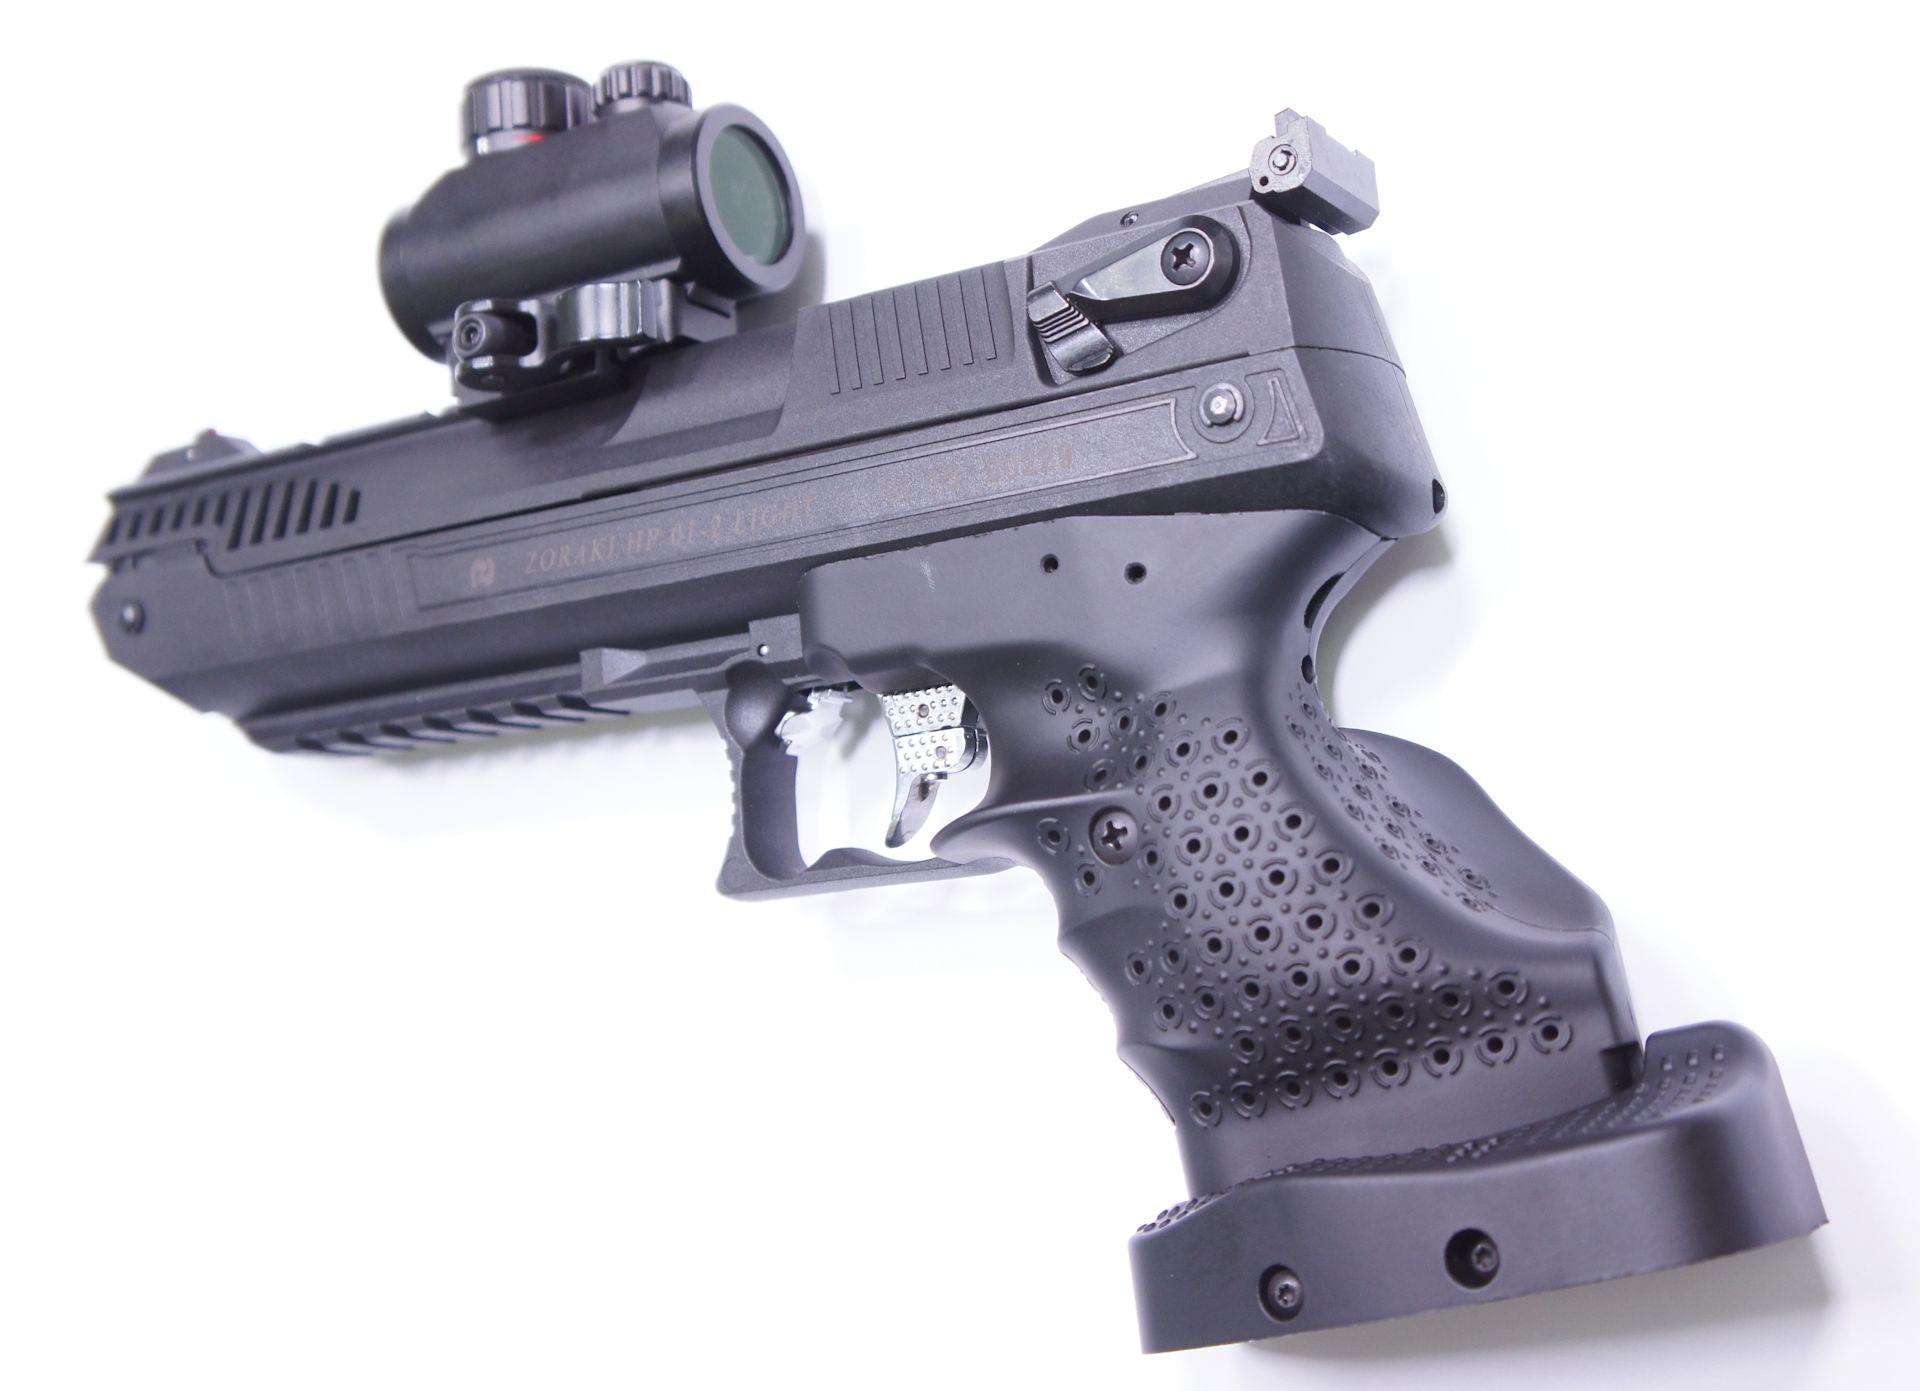 Montagebeispiel  mit einem passenden <a href=../1130221.htm>Red Dot Visier</a>. Diese Optik ist besonders empfehlenwert, weil deren Schnellklemmung das An- und Abbauen mit einem Handgriff ermöglicht. Das Visier ist recht kompakt.